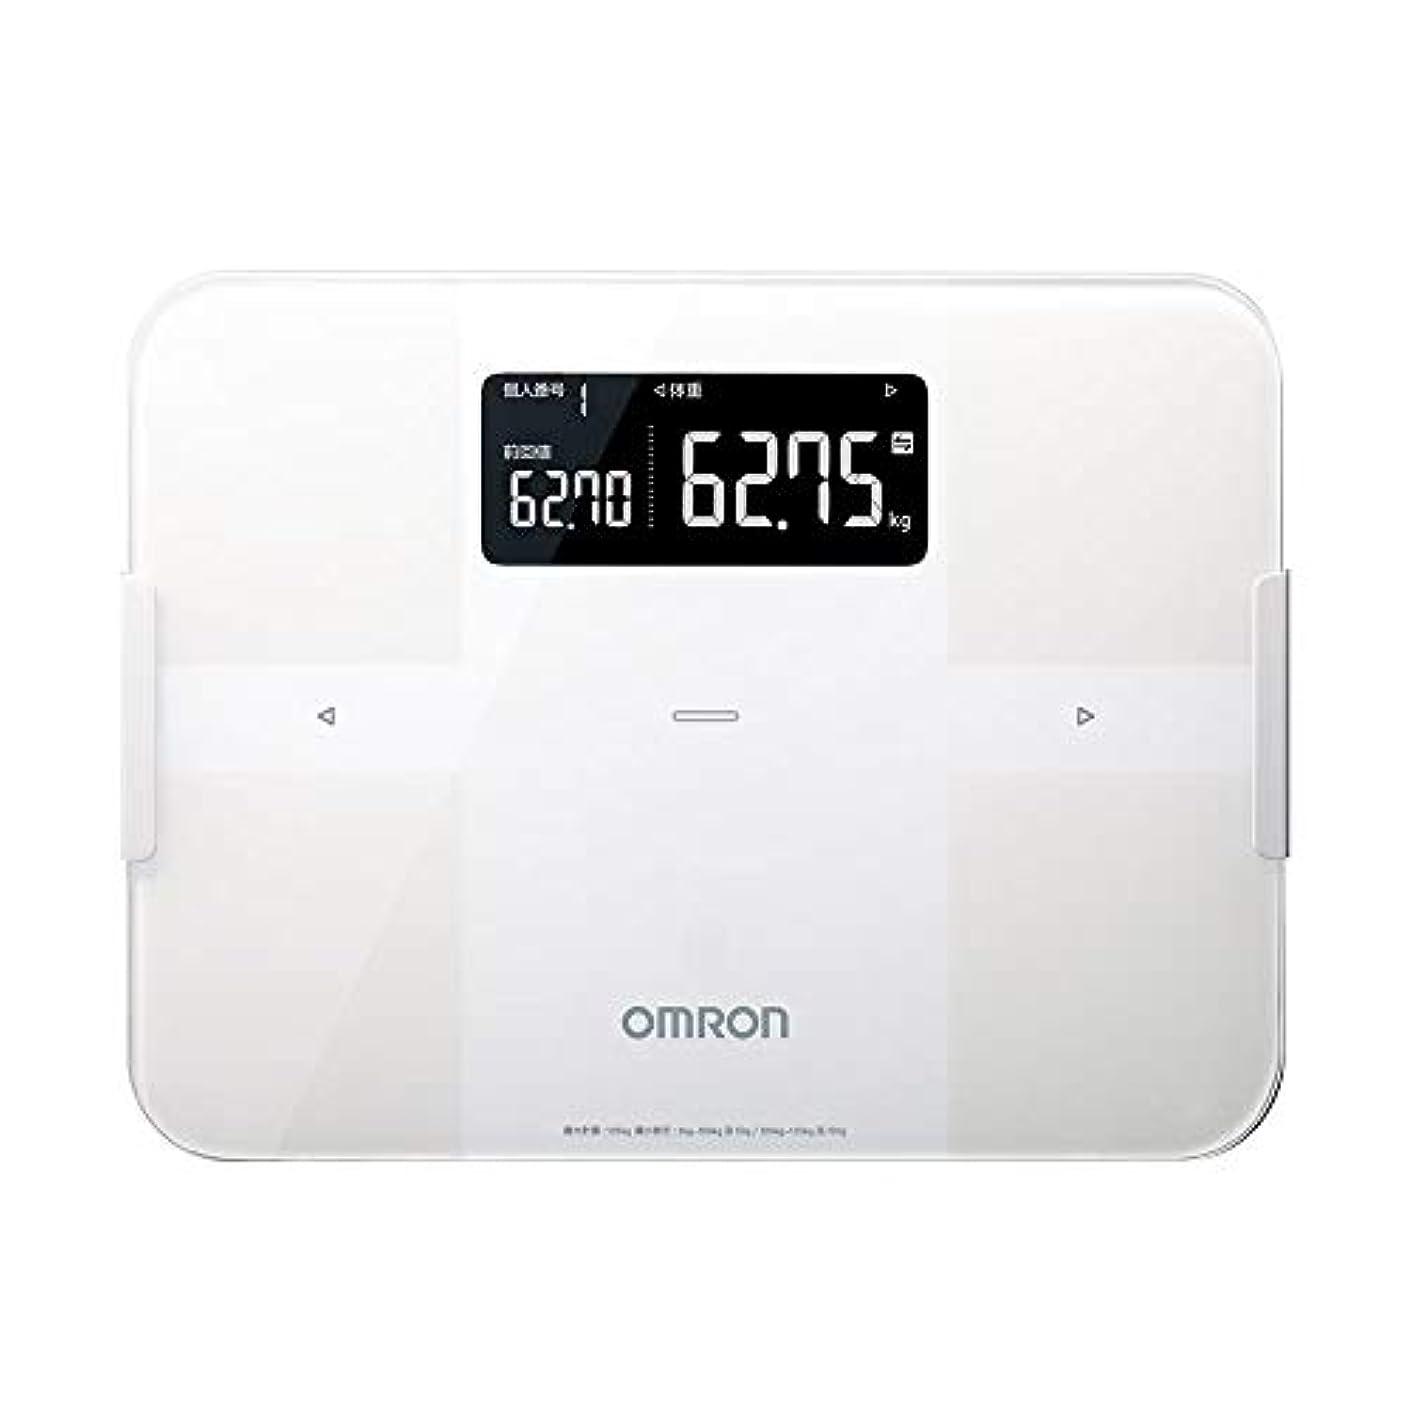 エスカレート眠り元気オムロン 体重?体組成計 カラダスキャン スマホアプリ/OMRON connect対応 ホワイト HBF-256T-W